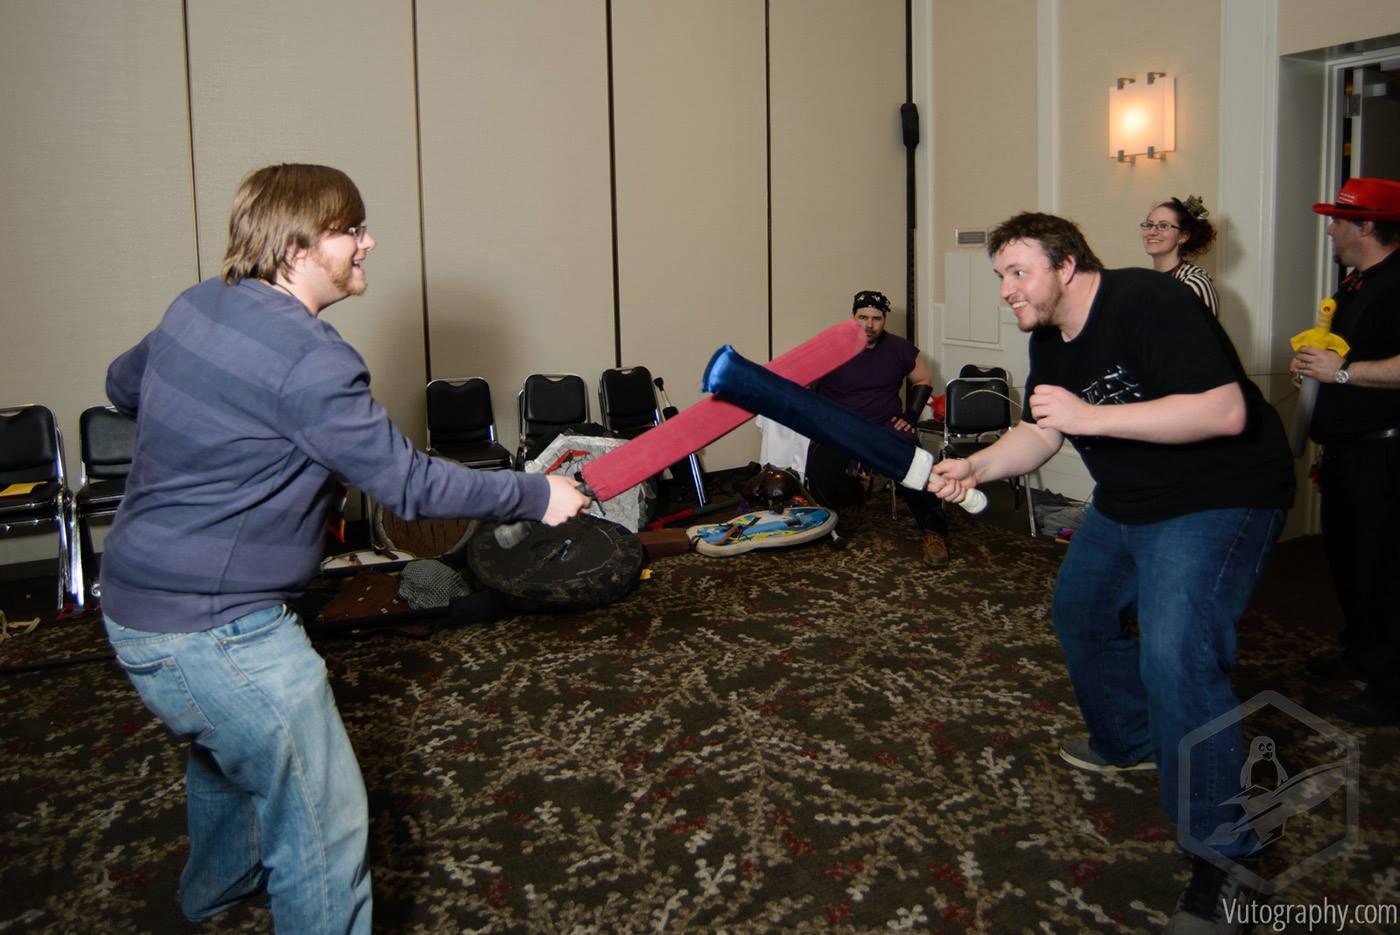 Two Penguicon-goers in a mock battle with foam swords